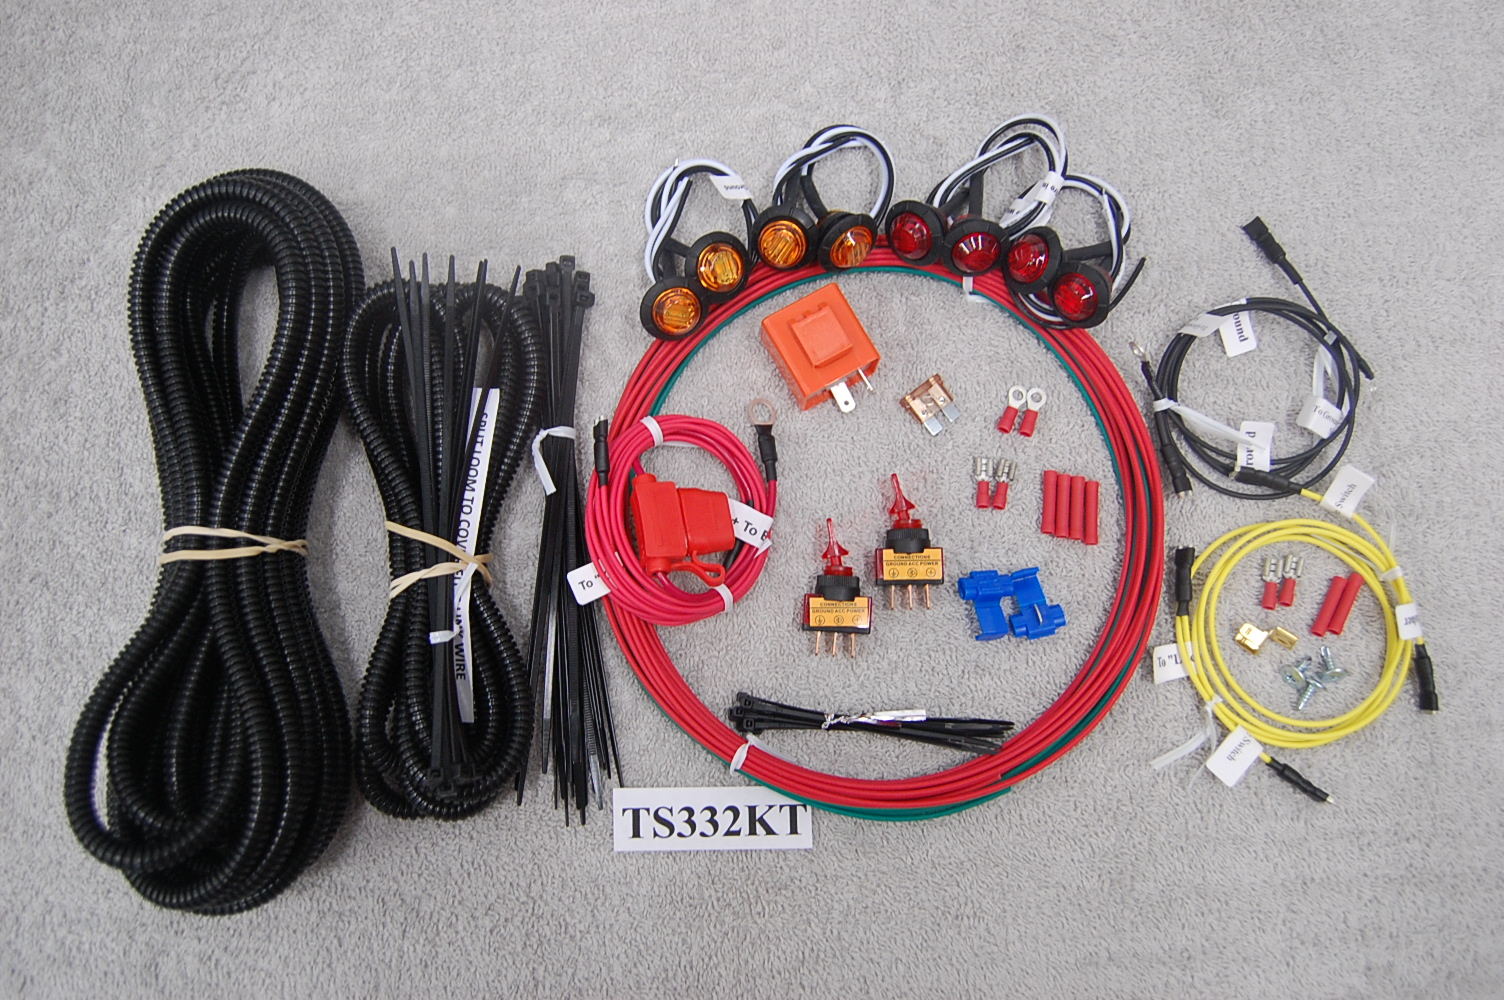 Kawasaki Teryx Universal Turn Signal Led Light Kit Ts332kt Vics 2015 Wiring Schematic